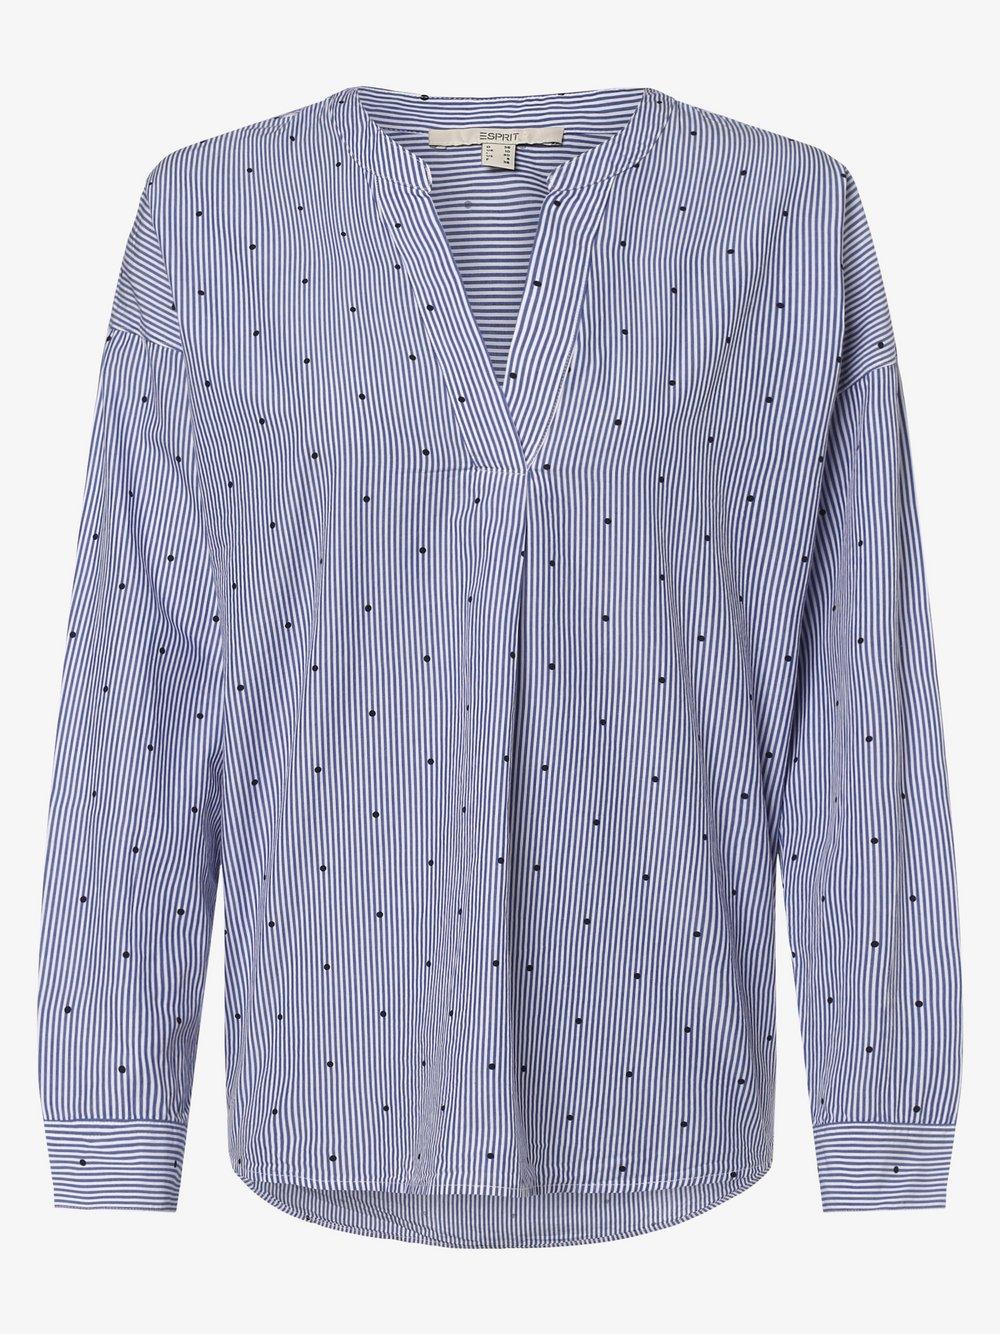 Esprit Casual – Bluzka damska, niebieski Van Graaf 460962-0001-00400